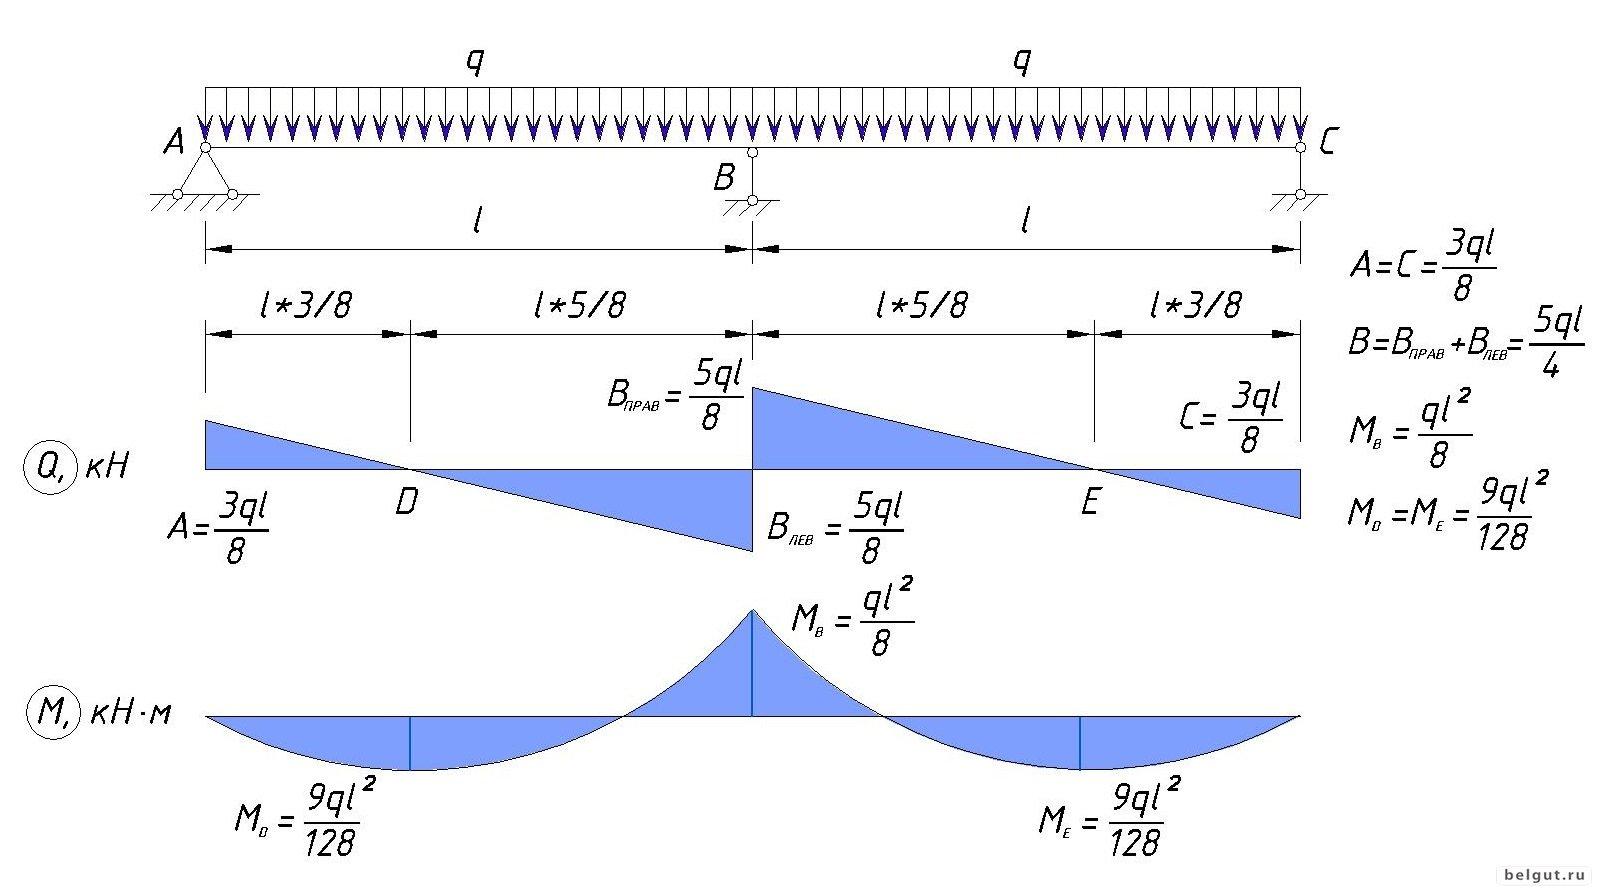 Расчетные схемы для многопролетных балок